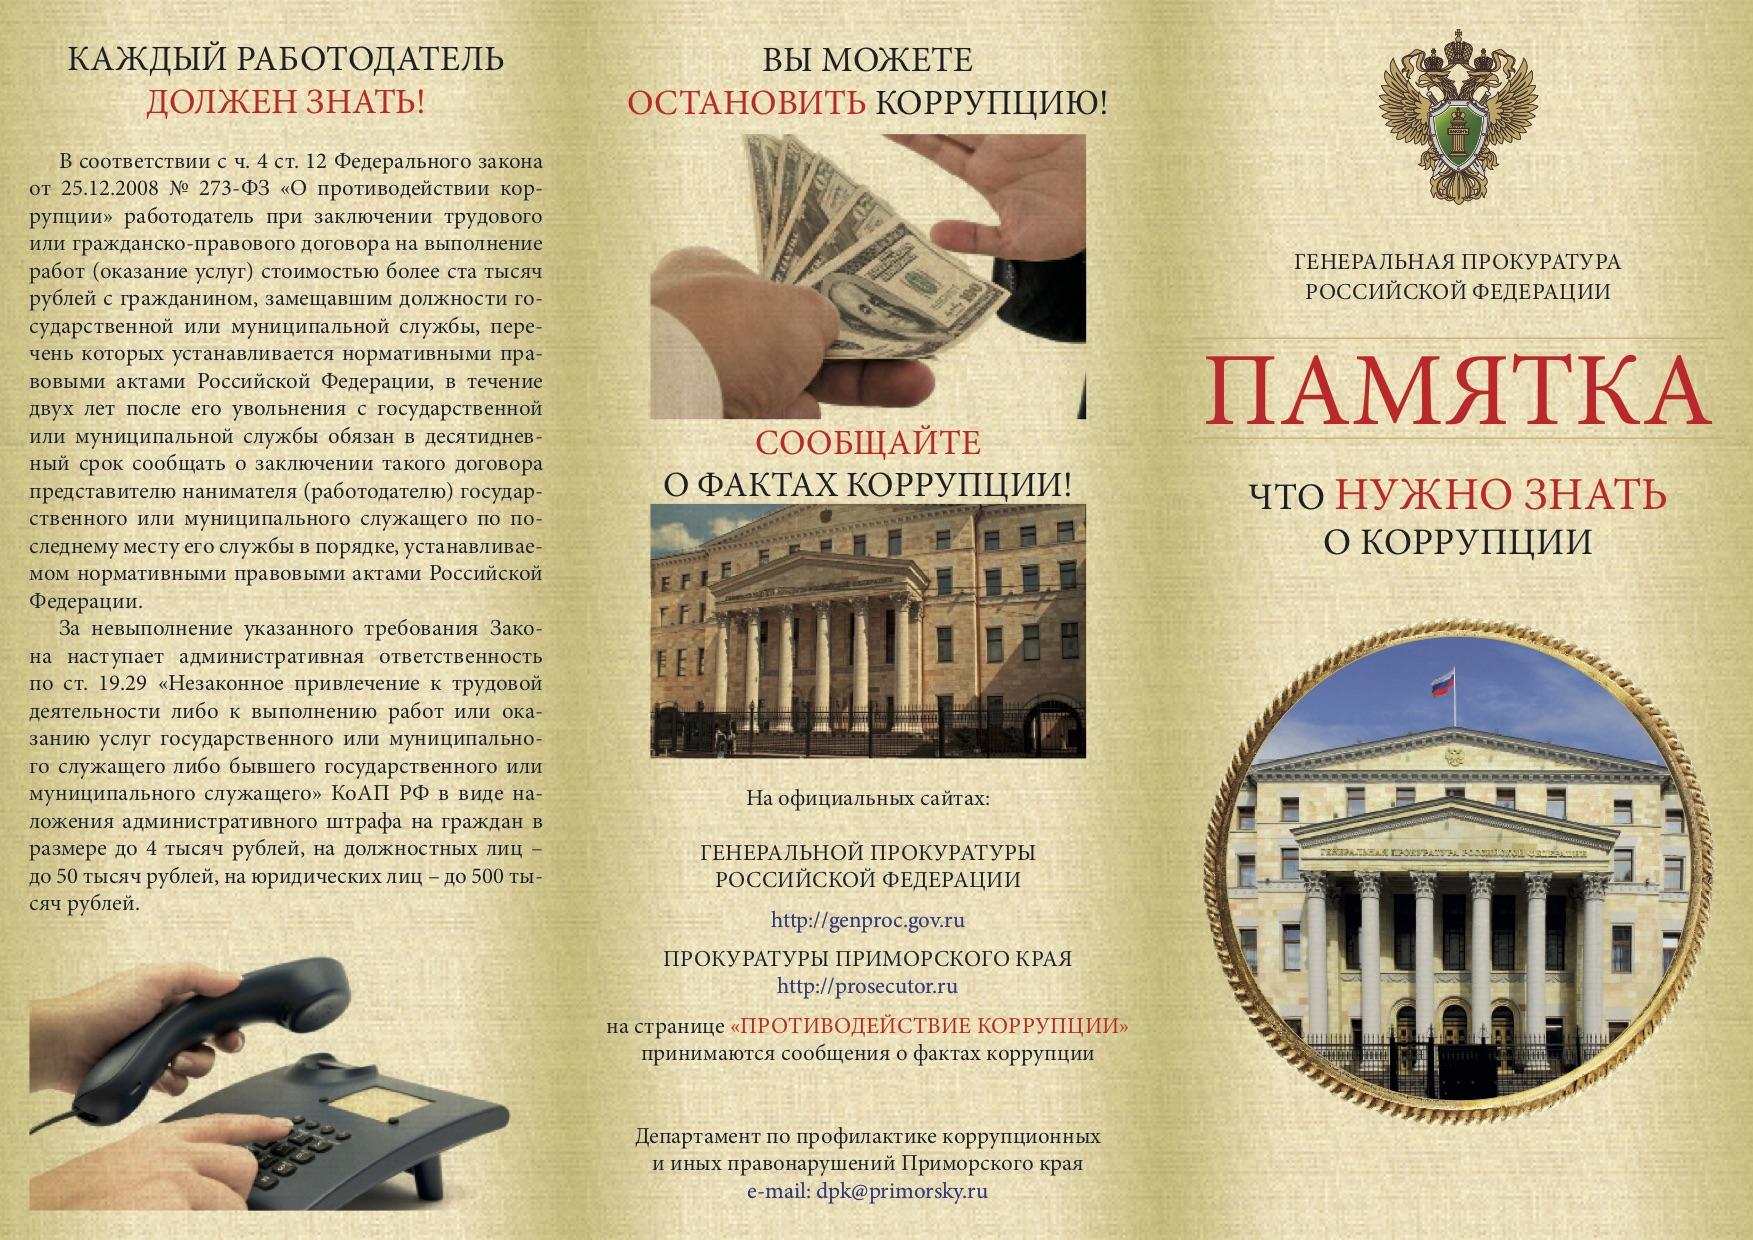 Pamyatki-po-korrupcii1